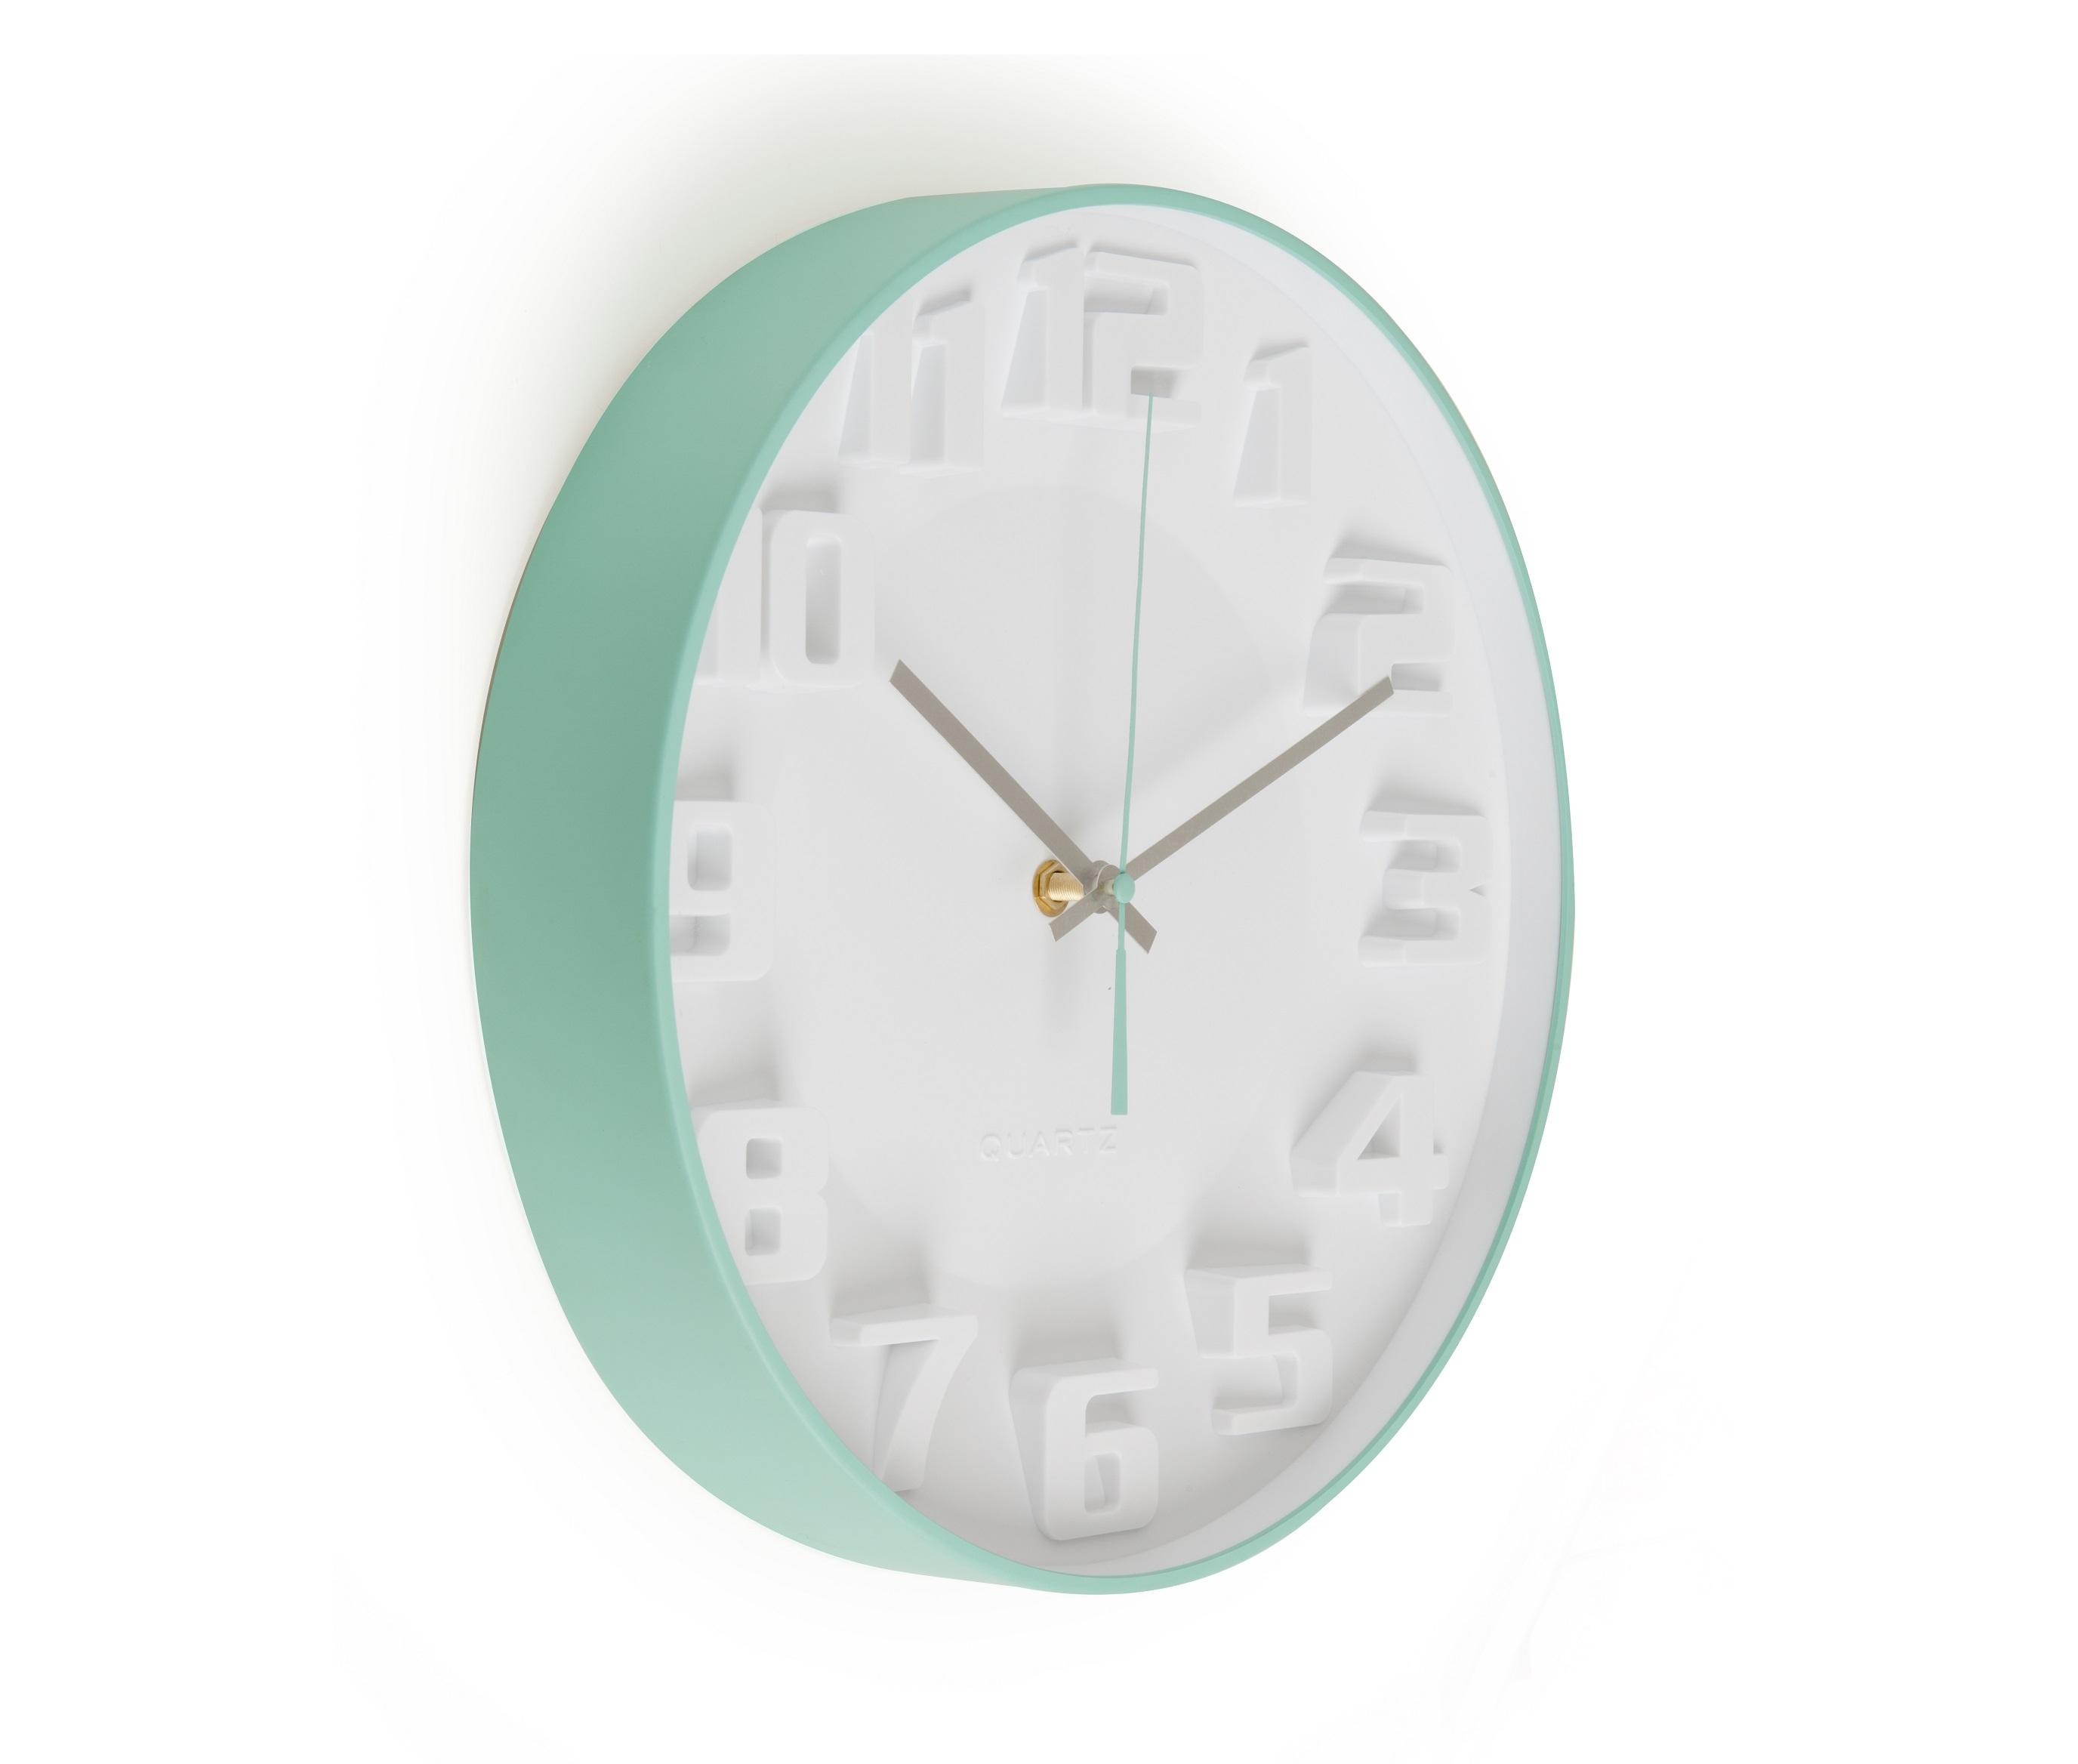 Настенные часы МиролюбиеНастенные часы<br>&amp;lt;div&amp;gt;Механизм: кварцевый&amp;lt;/div&amp;gt;&amp;lt;div&amp;gt;Материал: абс-пластик, стекло&amp;lt;/div&amp;gt;&amp;lt;div&amp;gt;&amp;lt;br&amp;gt;&amp;lt;/div&amp;gt;<br><br>Material: Пластик<br>Глубина см: 7